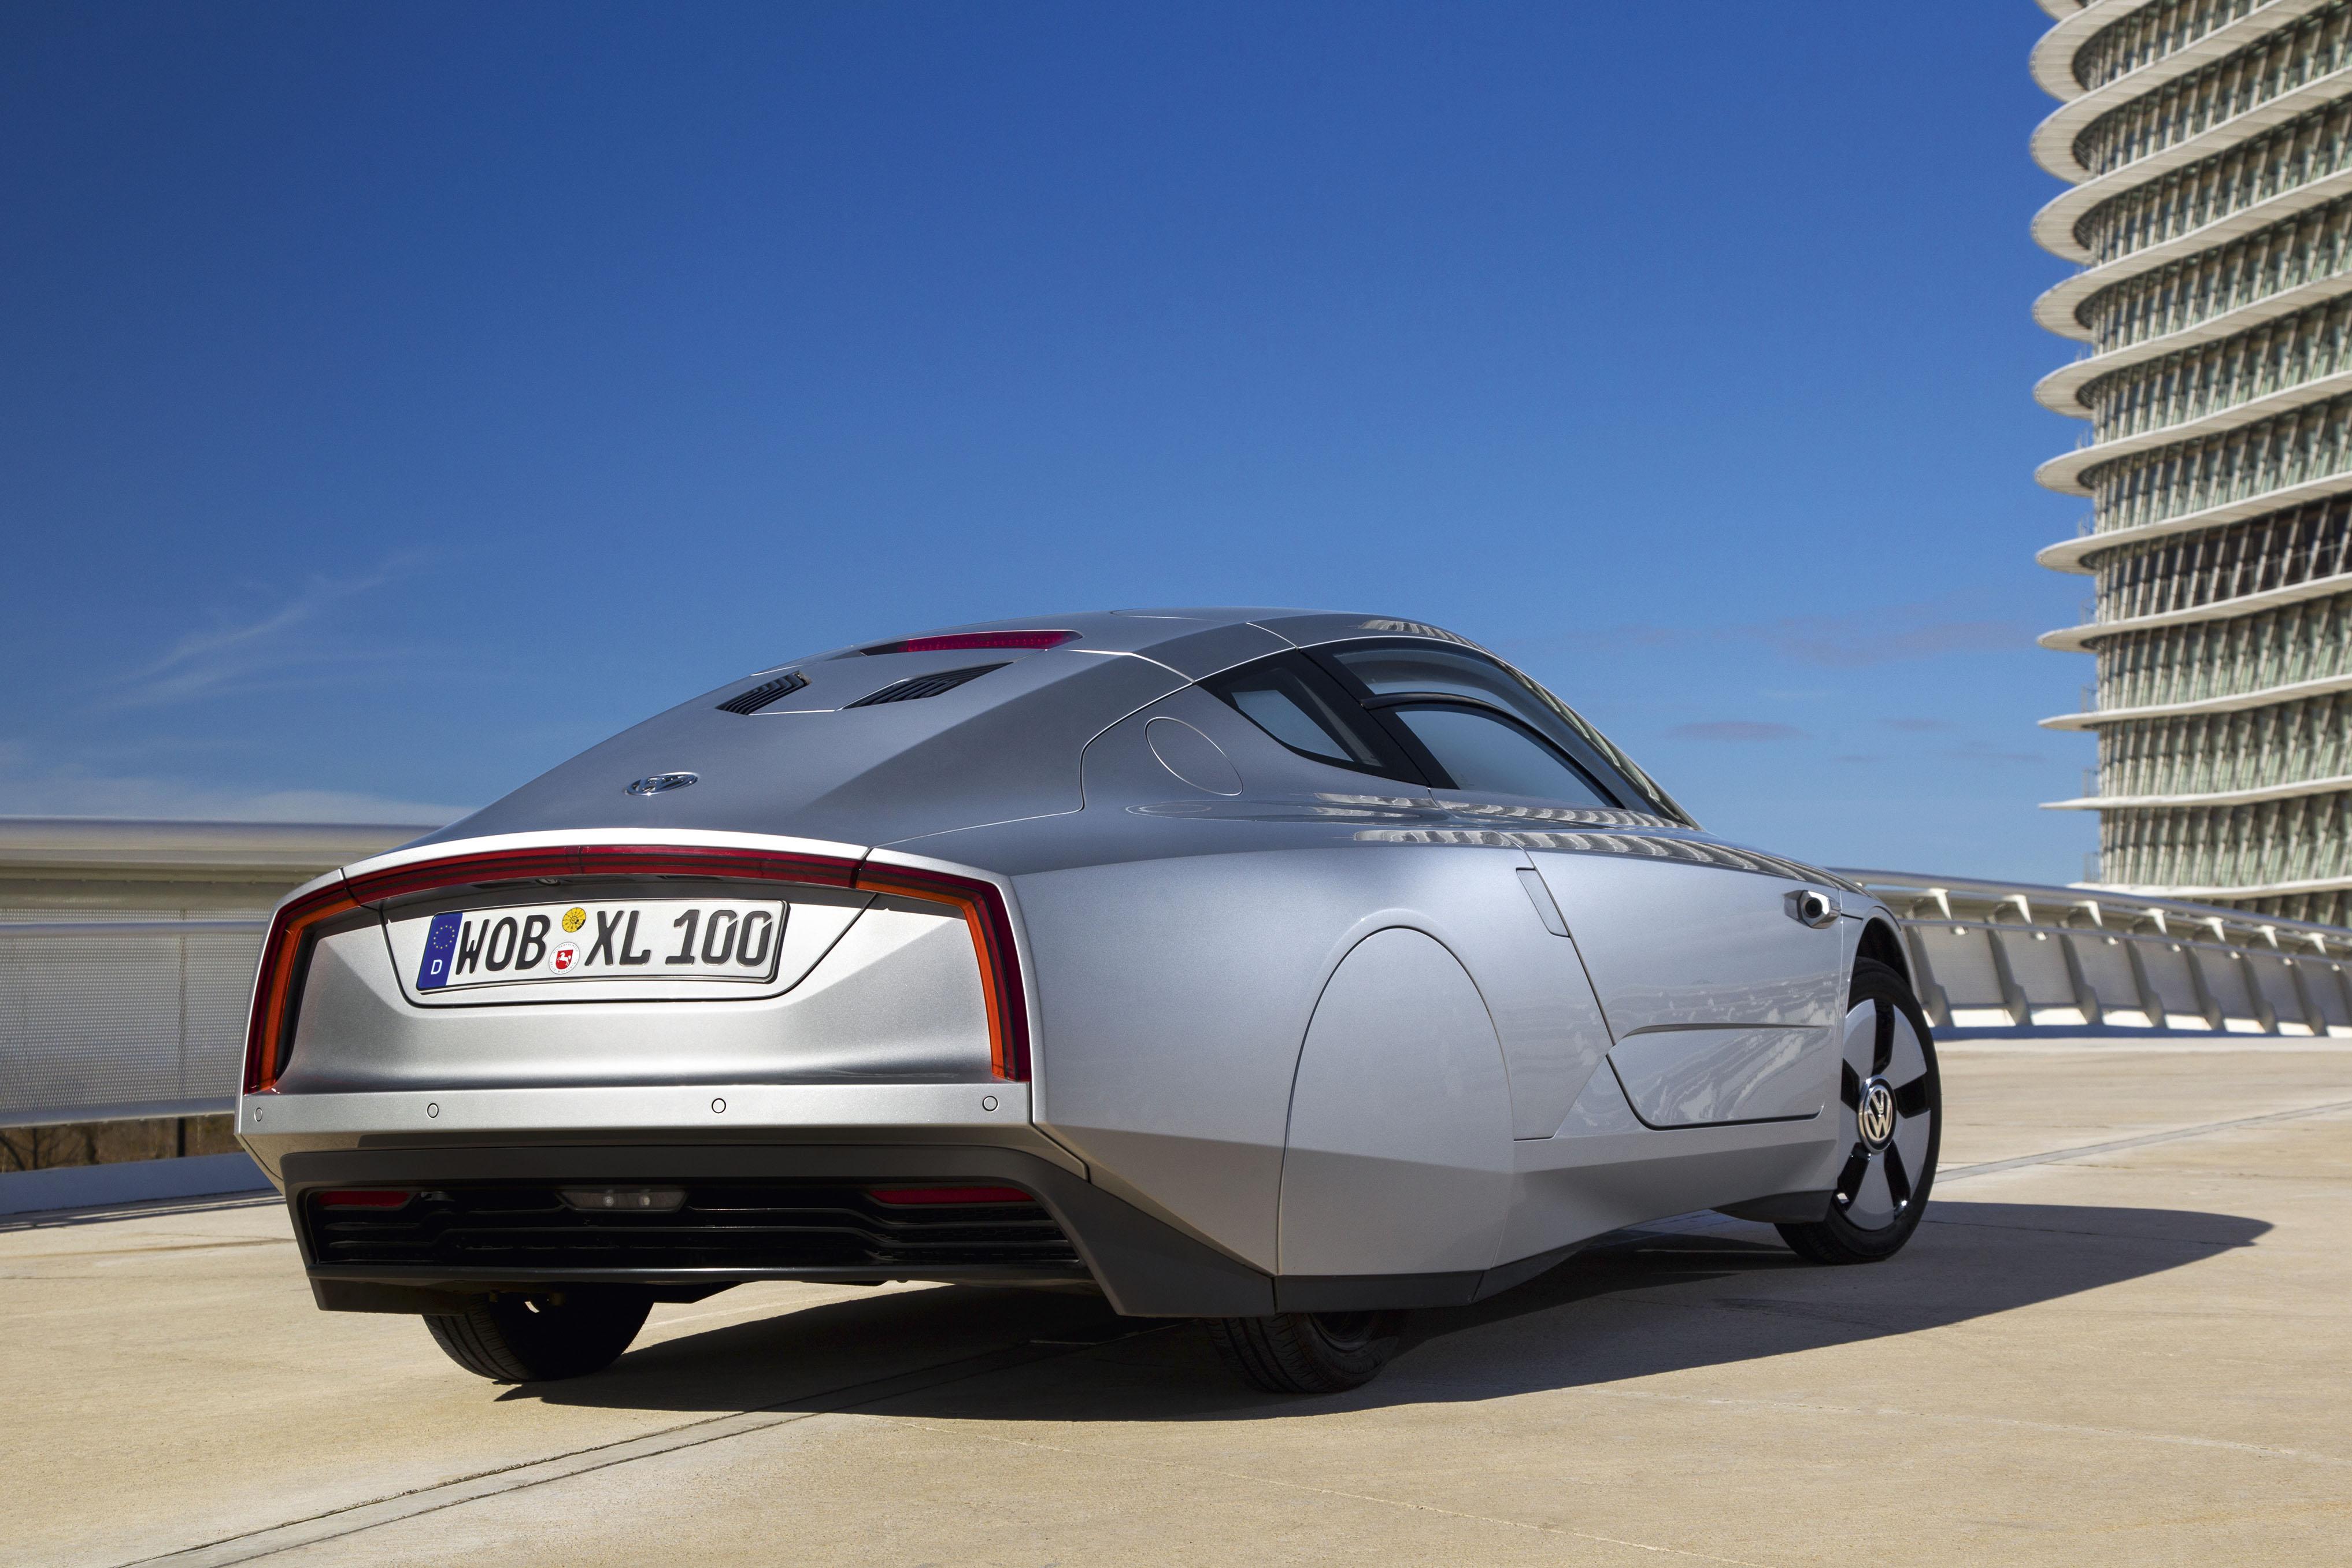 Volkswagen Xl1 Ibrida Plug In L Auto Del Futuro E Adesso Ed E